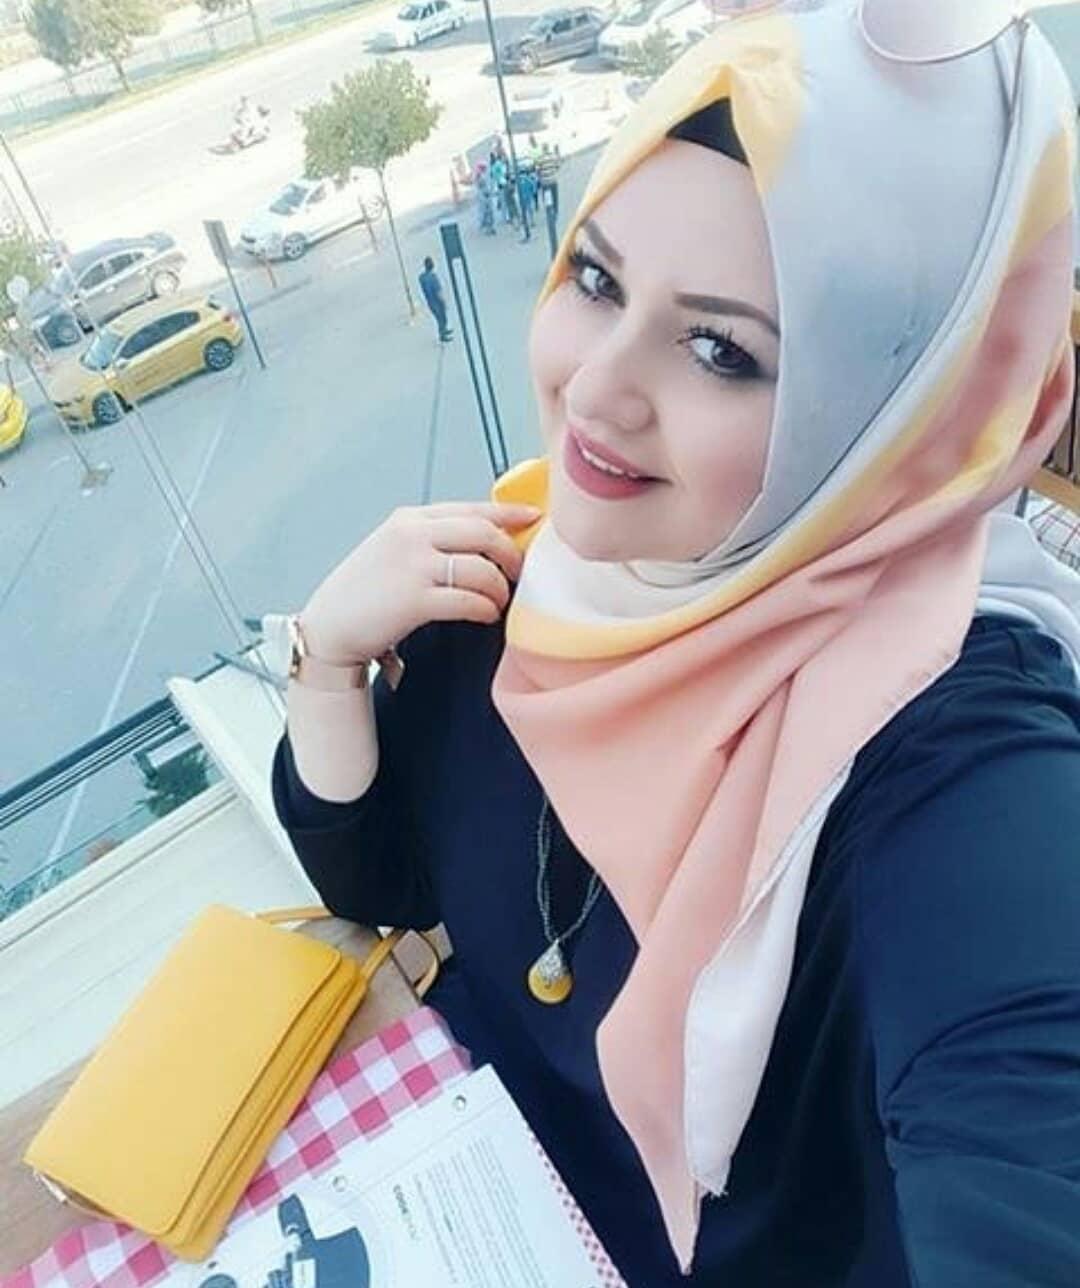 بالصور اجمل محجبات , جمال البنات المحجبه فى صور لها 5128 11